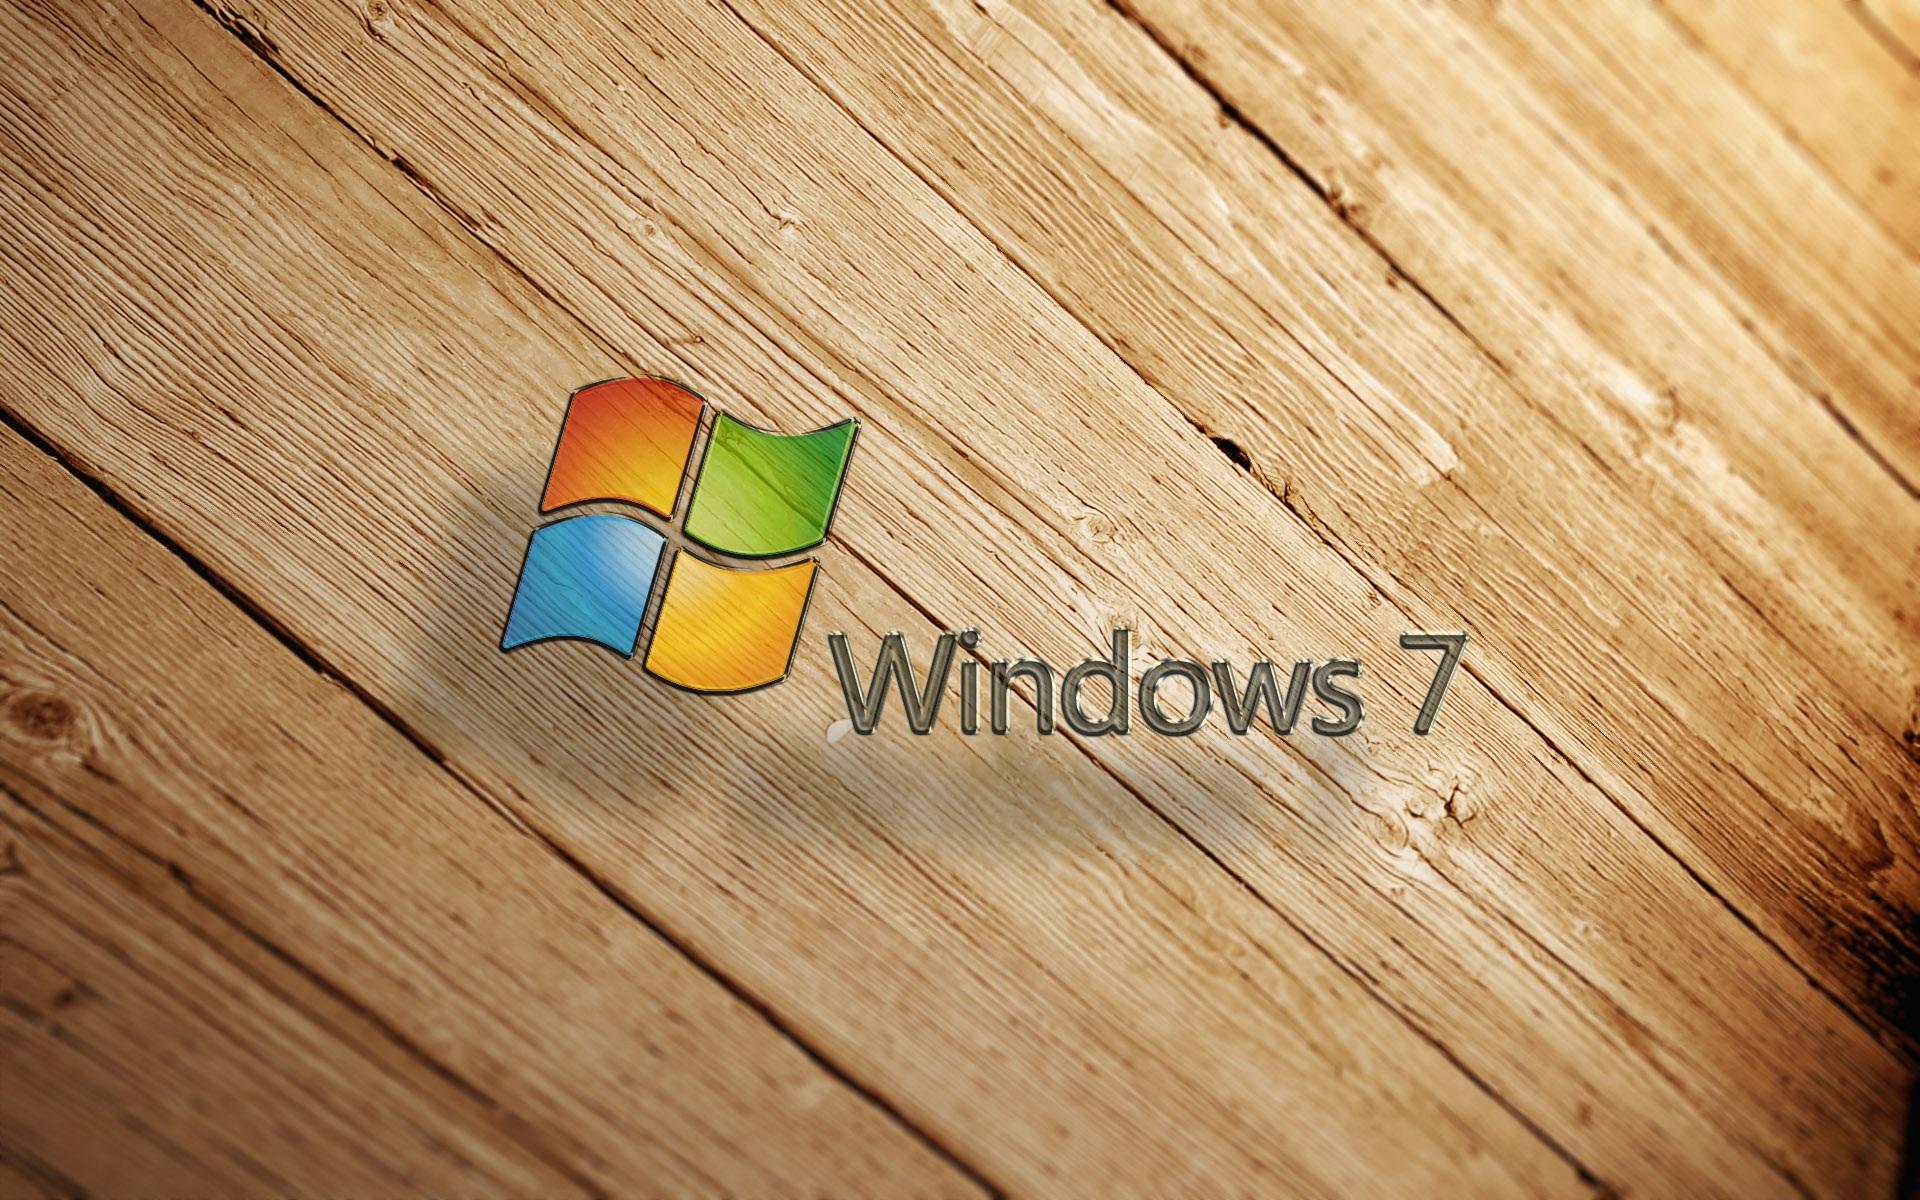 обои windows на рабочий стол 1024 на 768 № 251377  скачать